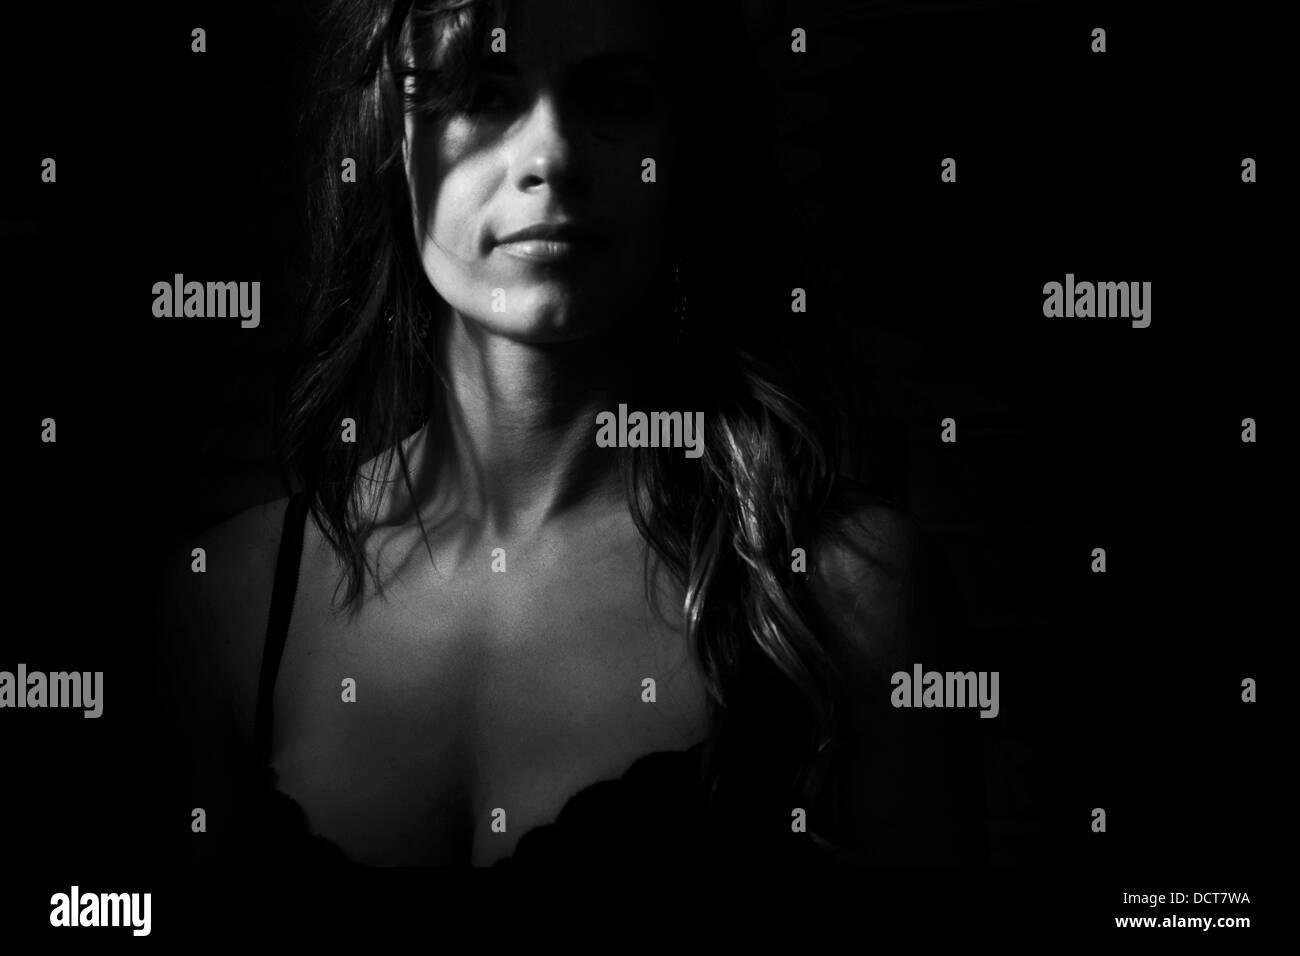 Noir et blanc portrait mystérieux de woman Banque D'Images